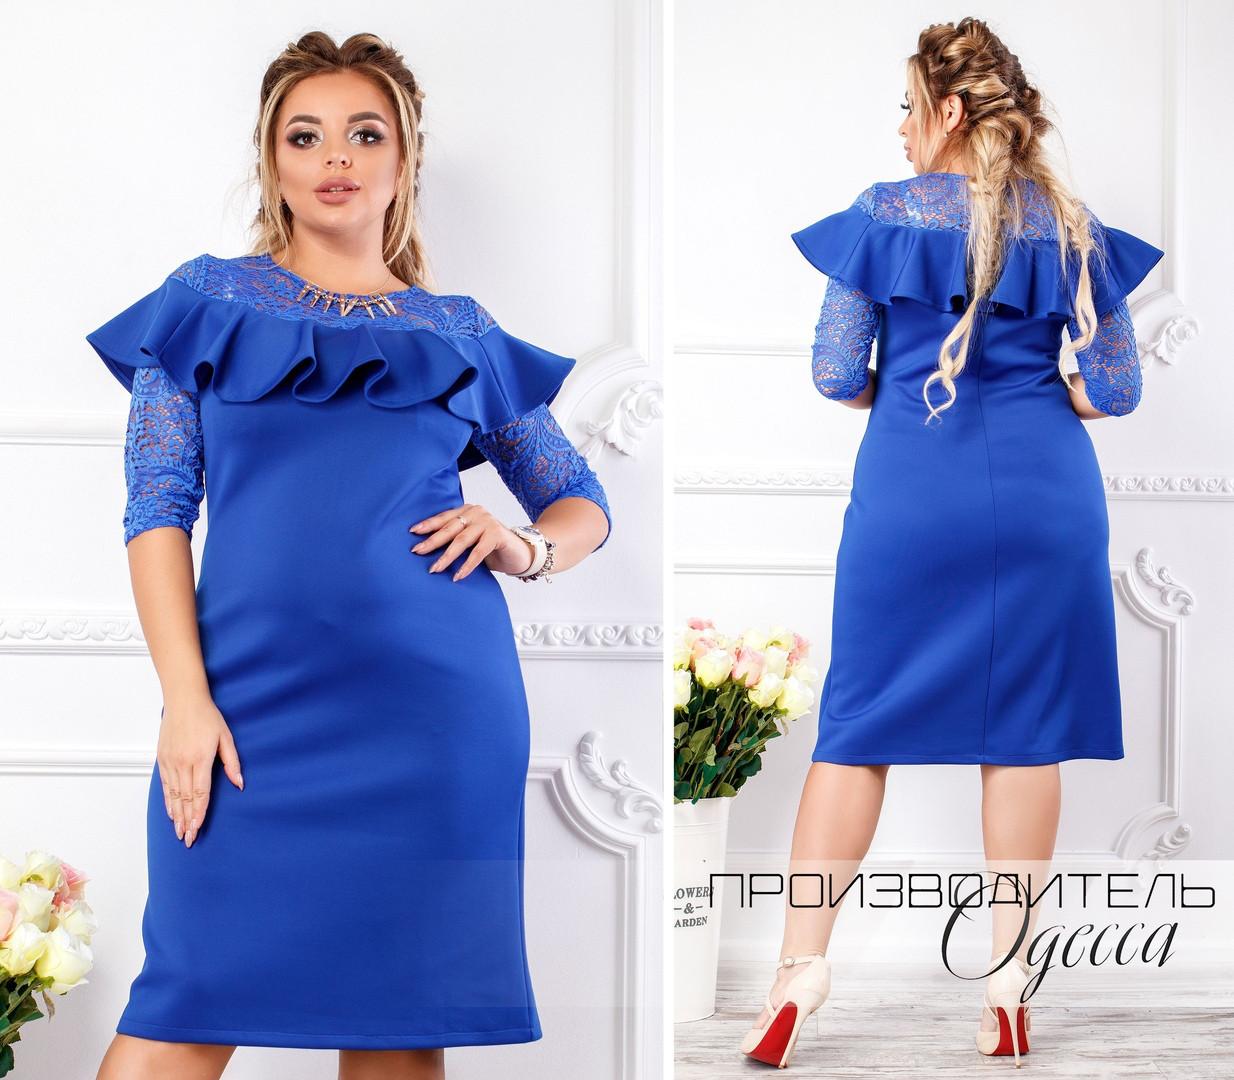 36a7bcaa204 Нарядное Платье Креп-дайвинг+ Кружево Большого Размера 50